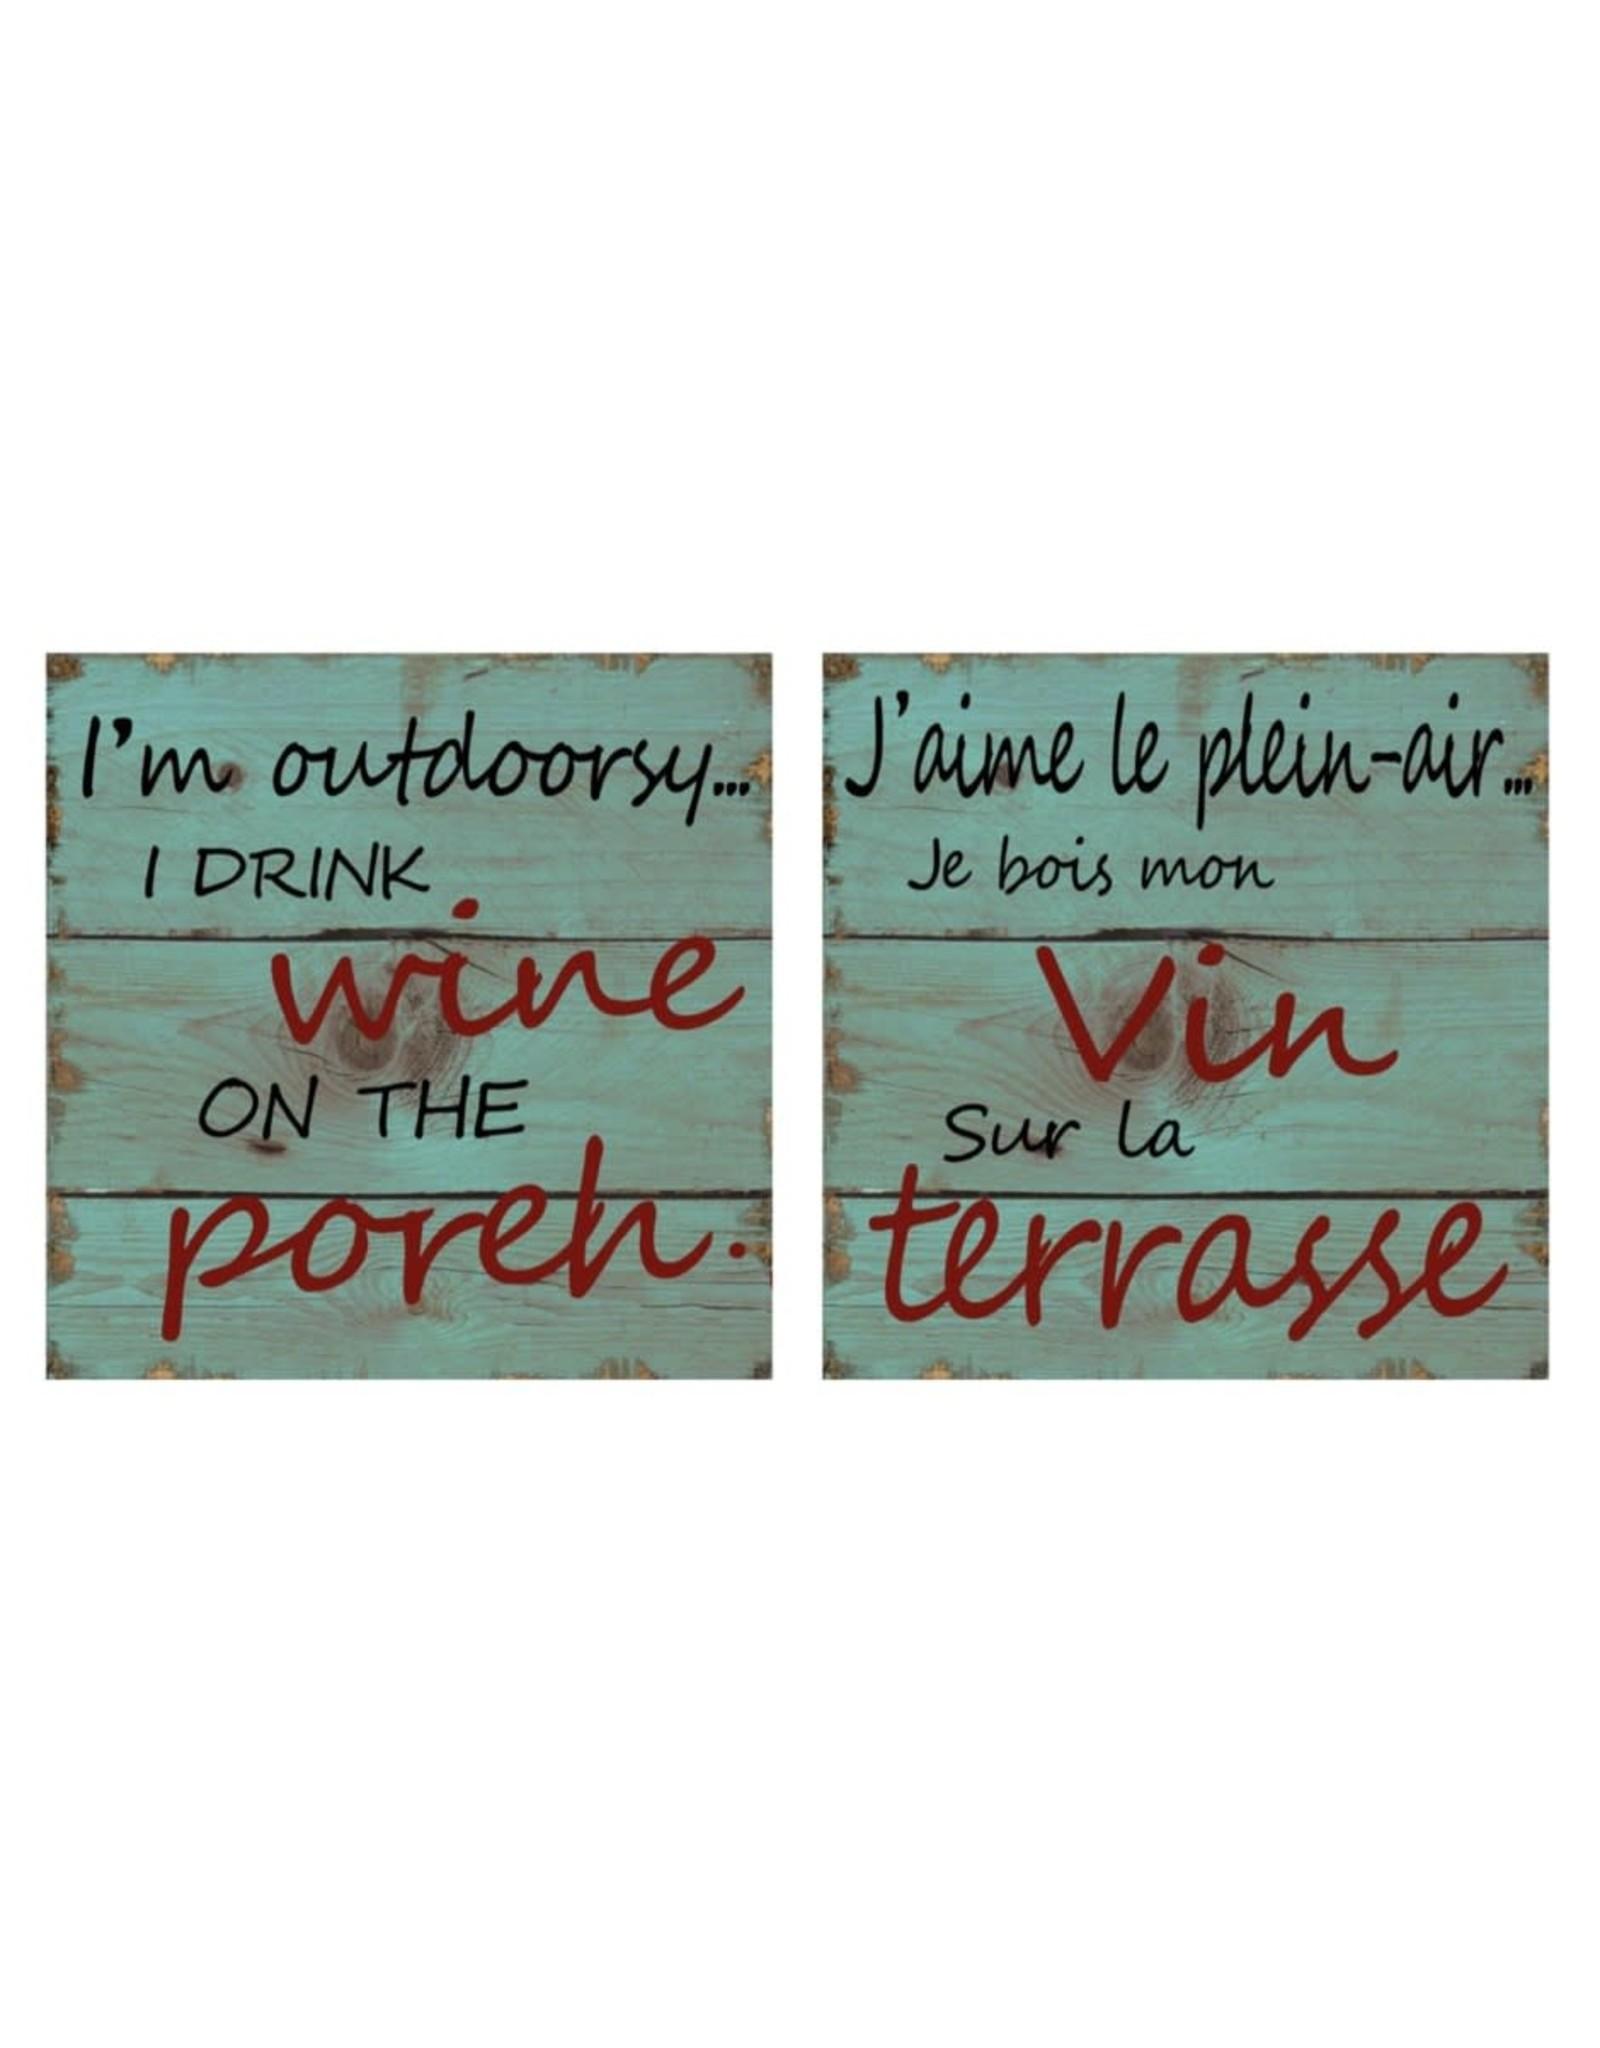 Affiche « Plein-air vin » réversible